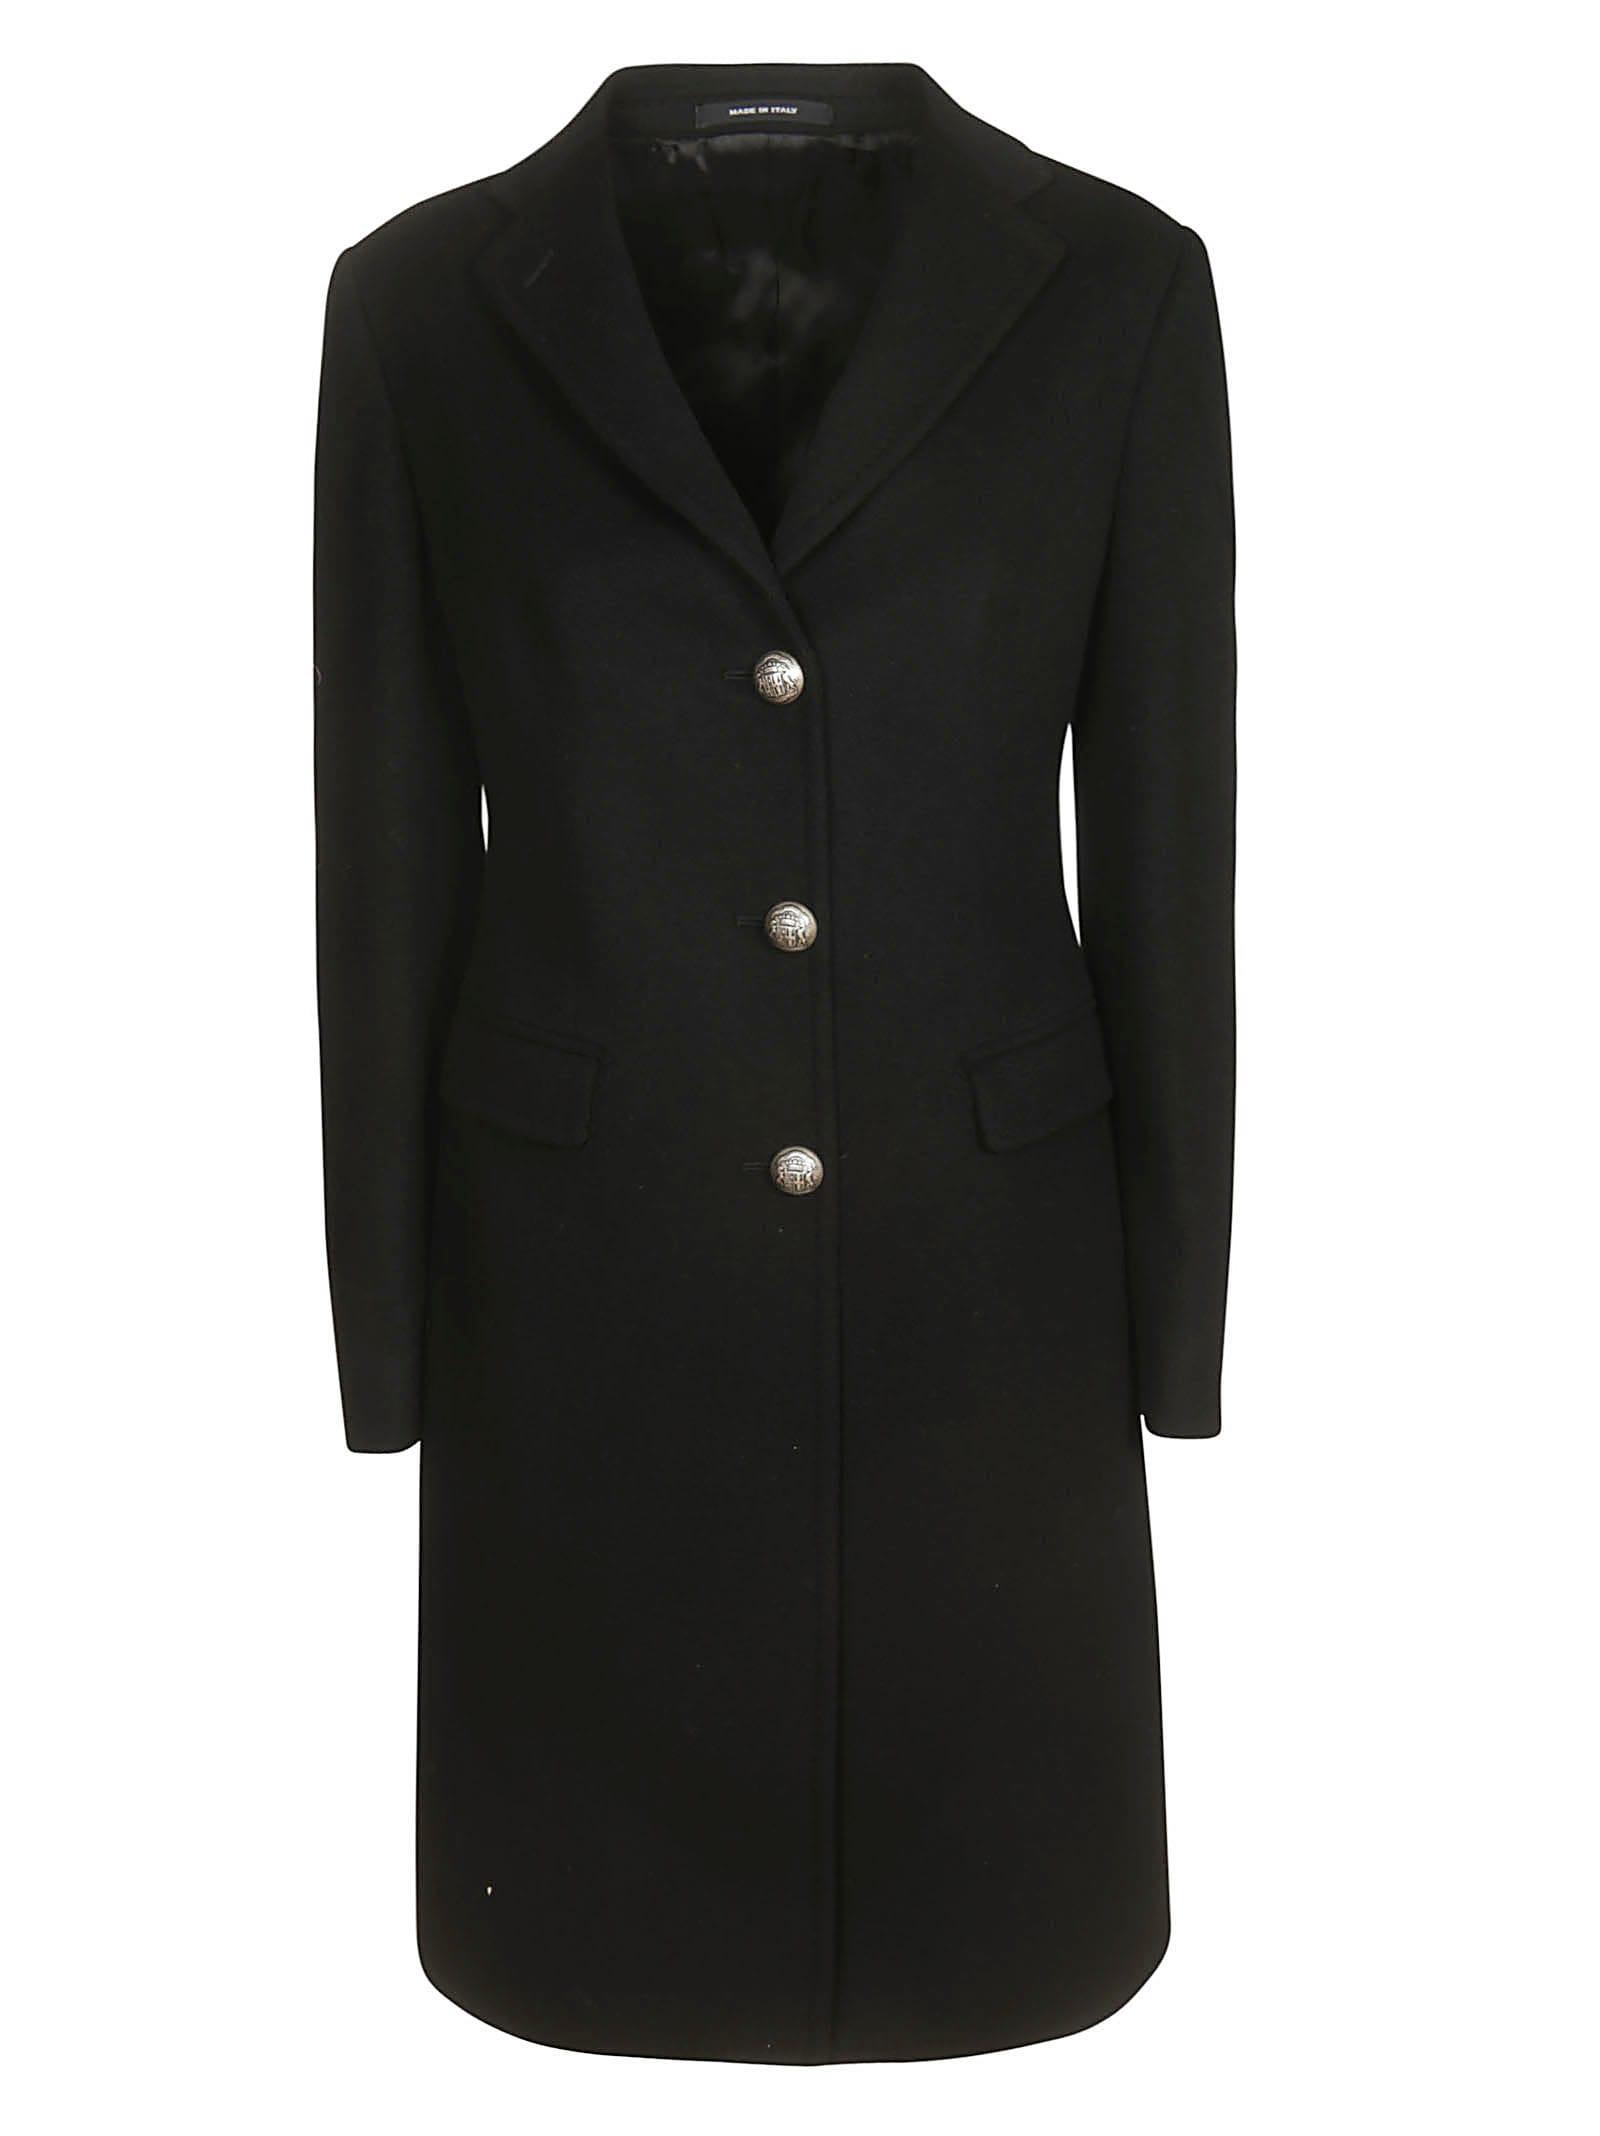 Tagliatore Buttoned Coat